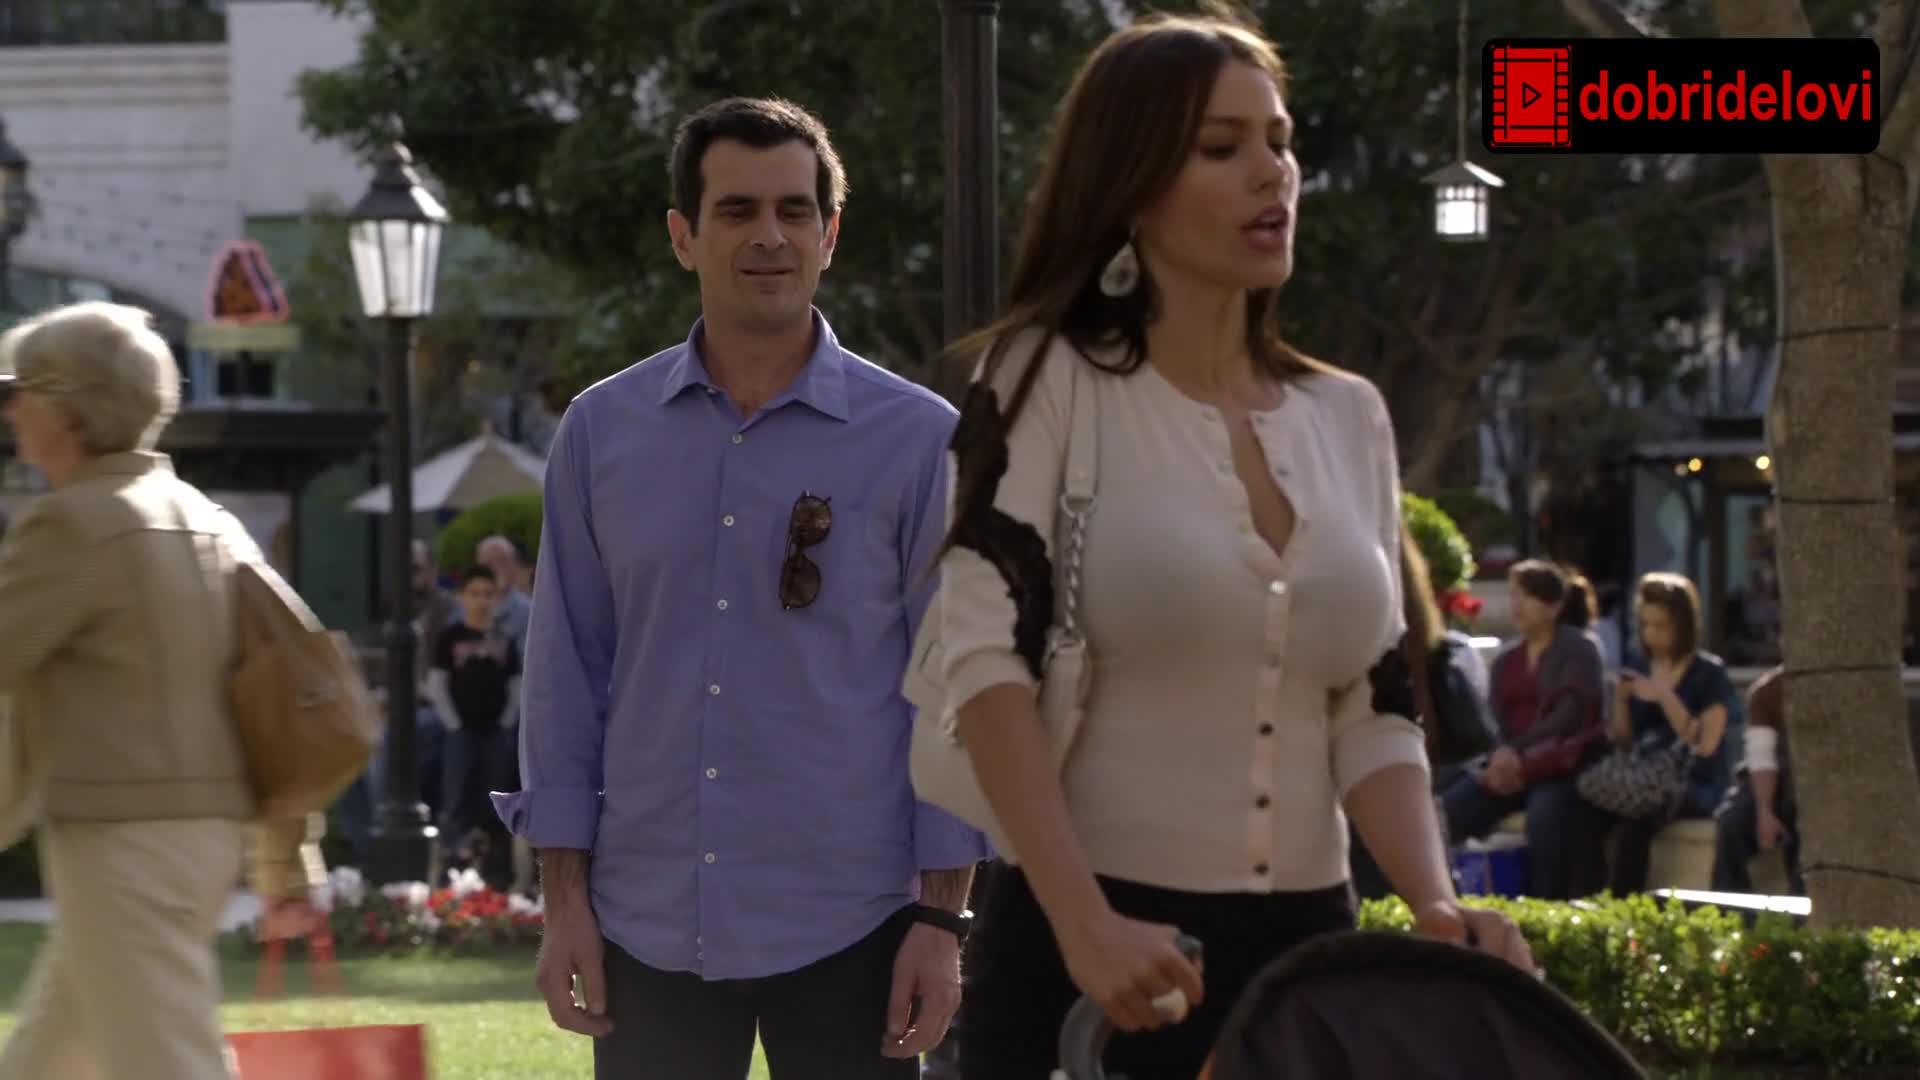 Sofia Vergara pushing the stroller scene from Modern Family